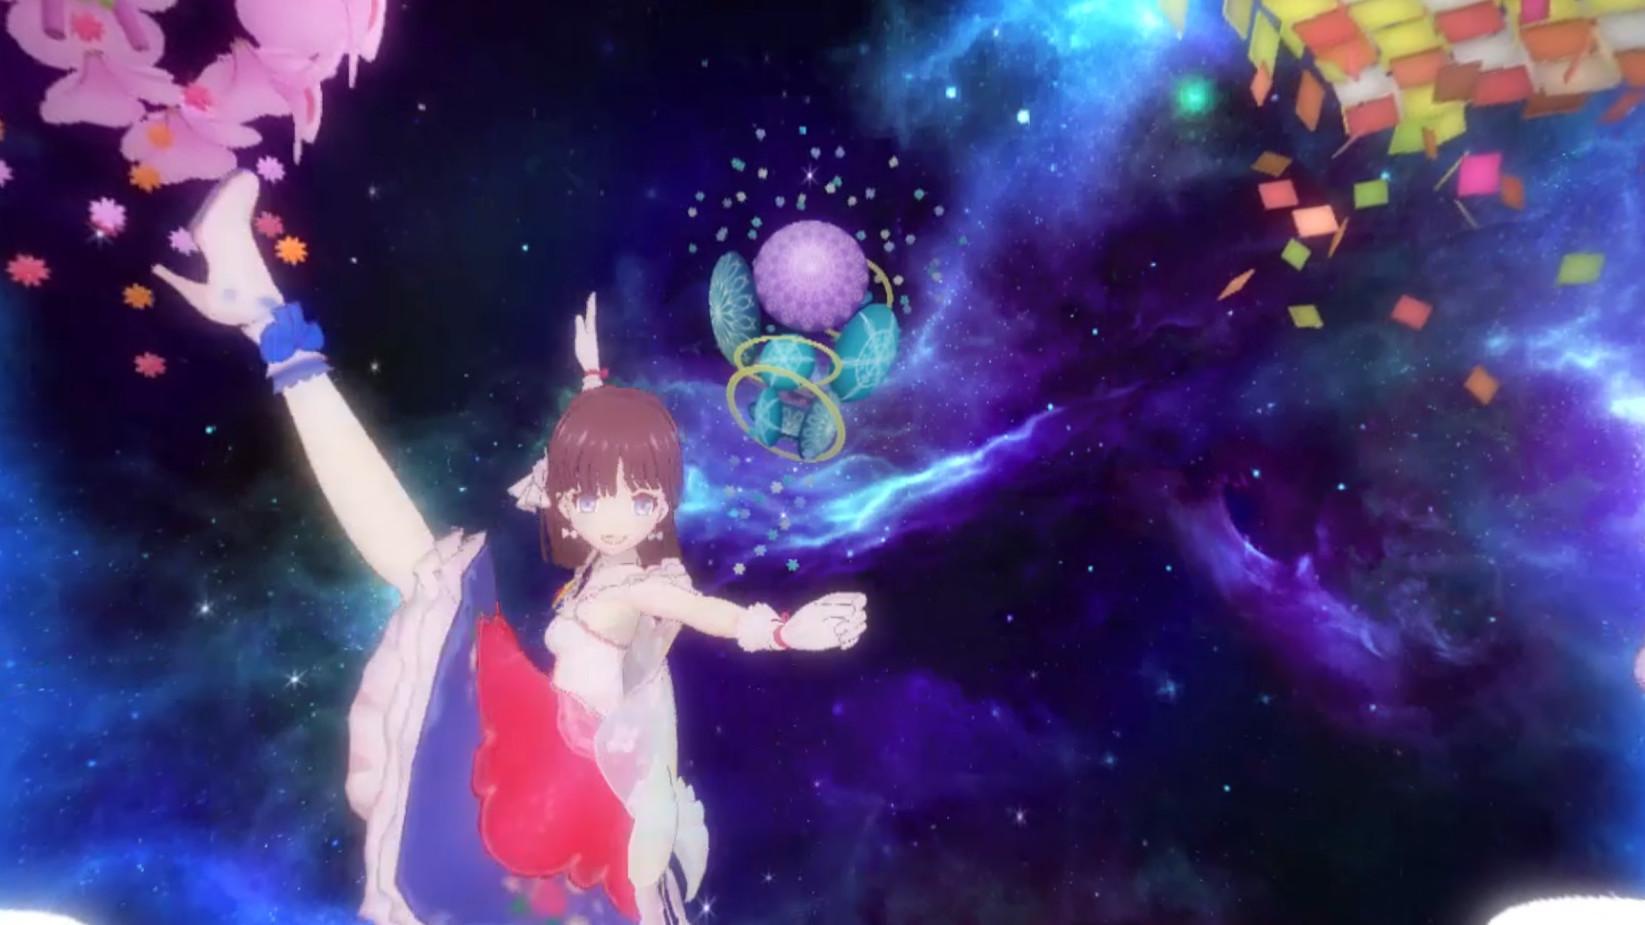 VRゲーム、Hop Step Sing! Kisekiteki Shining!、イメージ